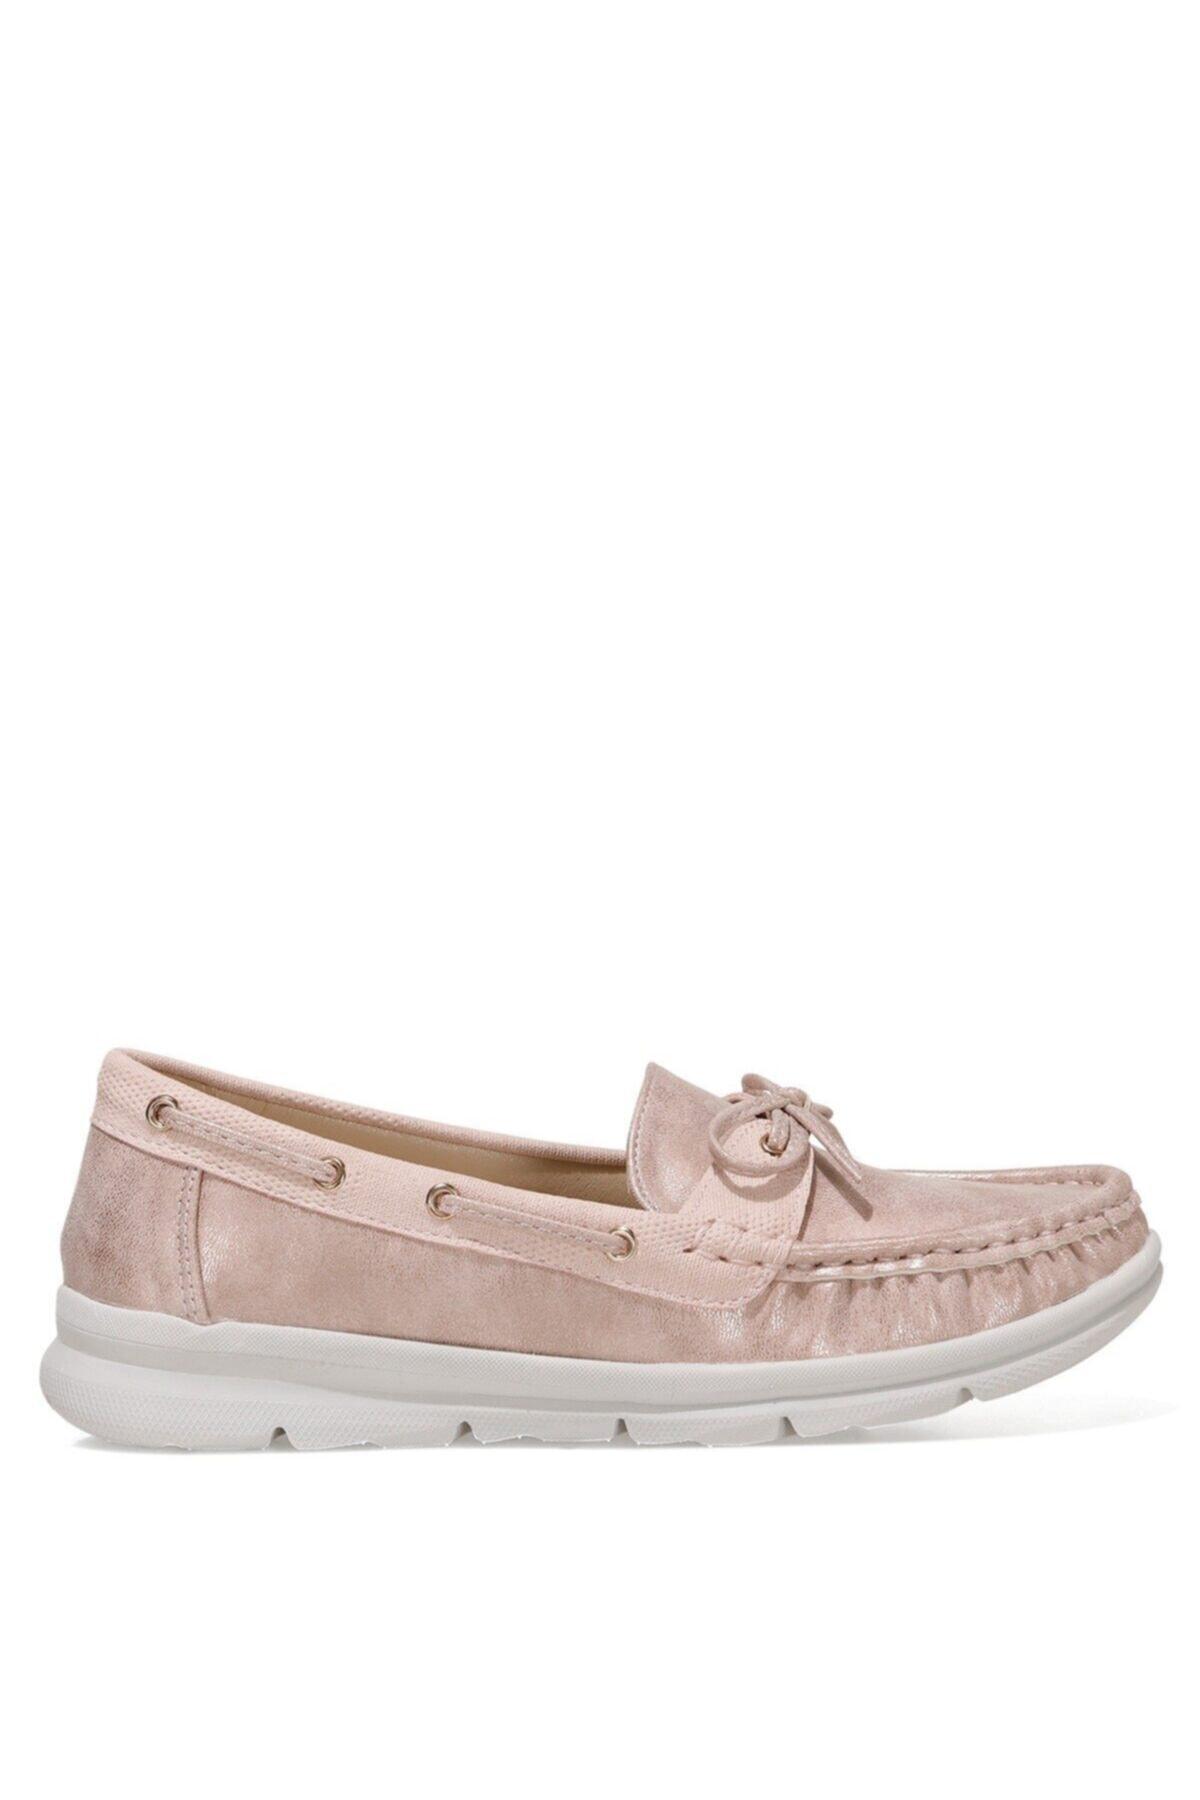 Nine West MARIO 1FX Pembe Kadın Loafer Ayakkabı 101015522 1